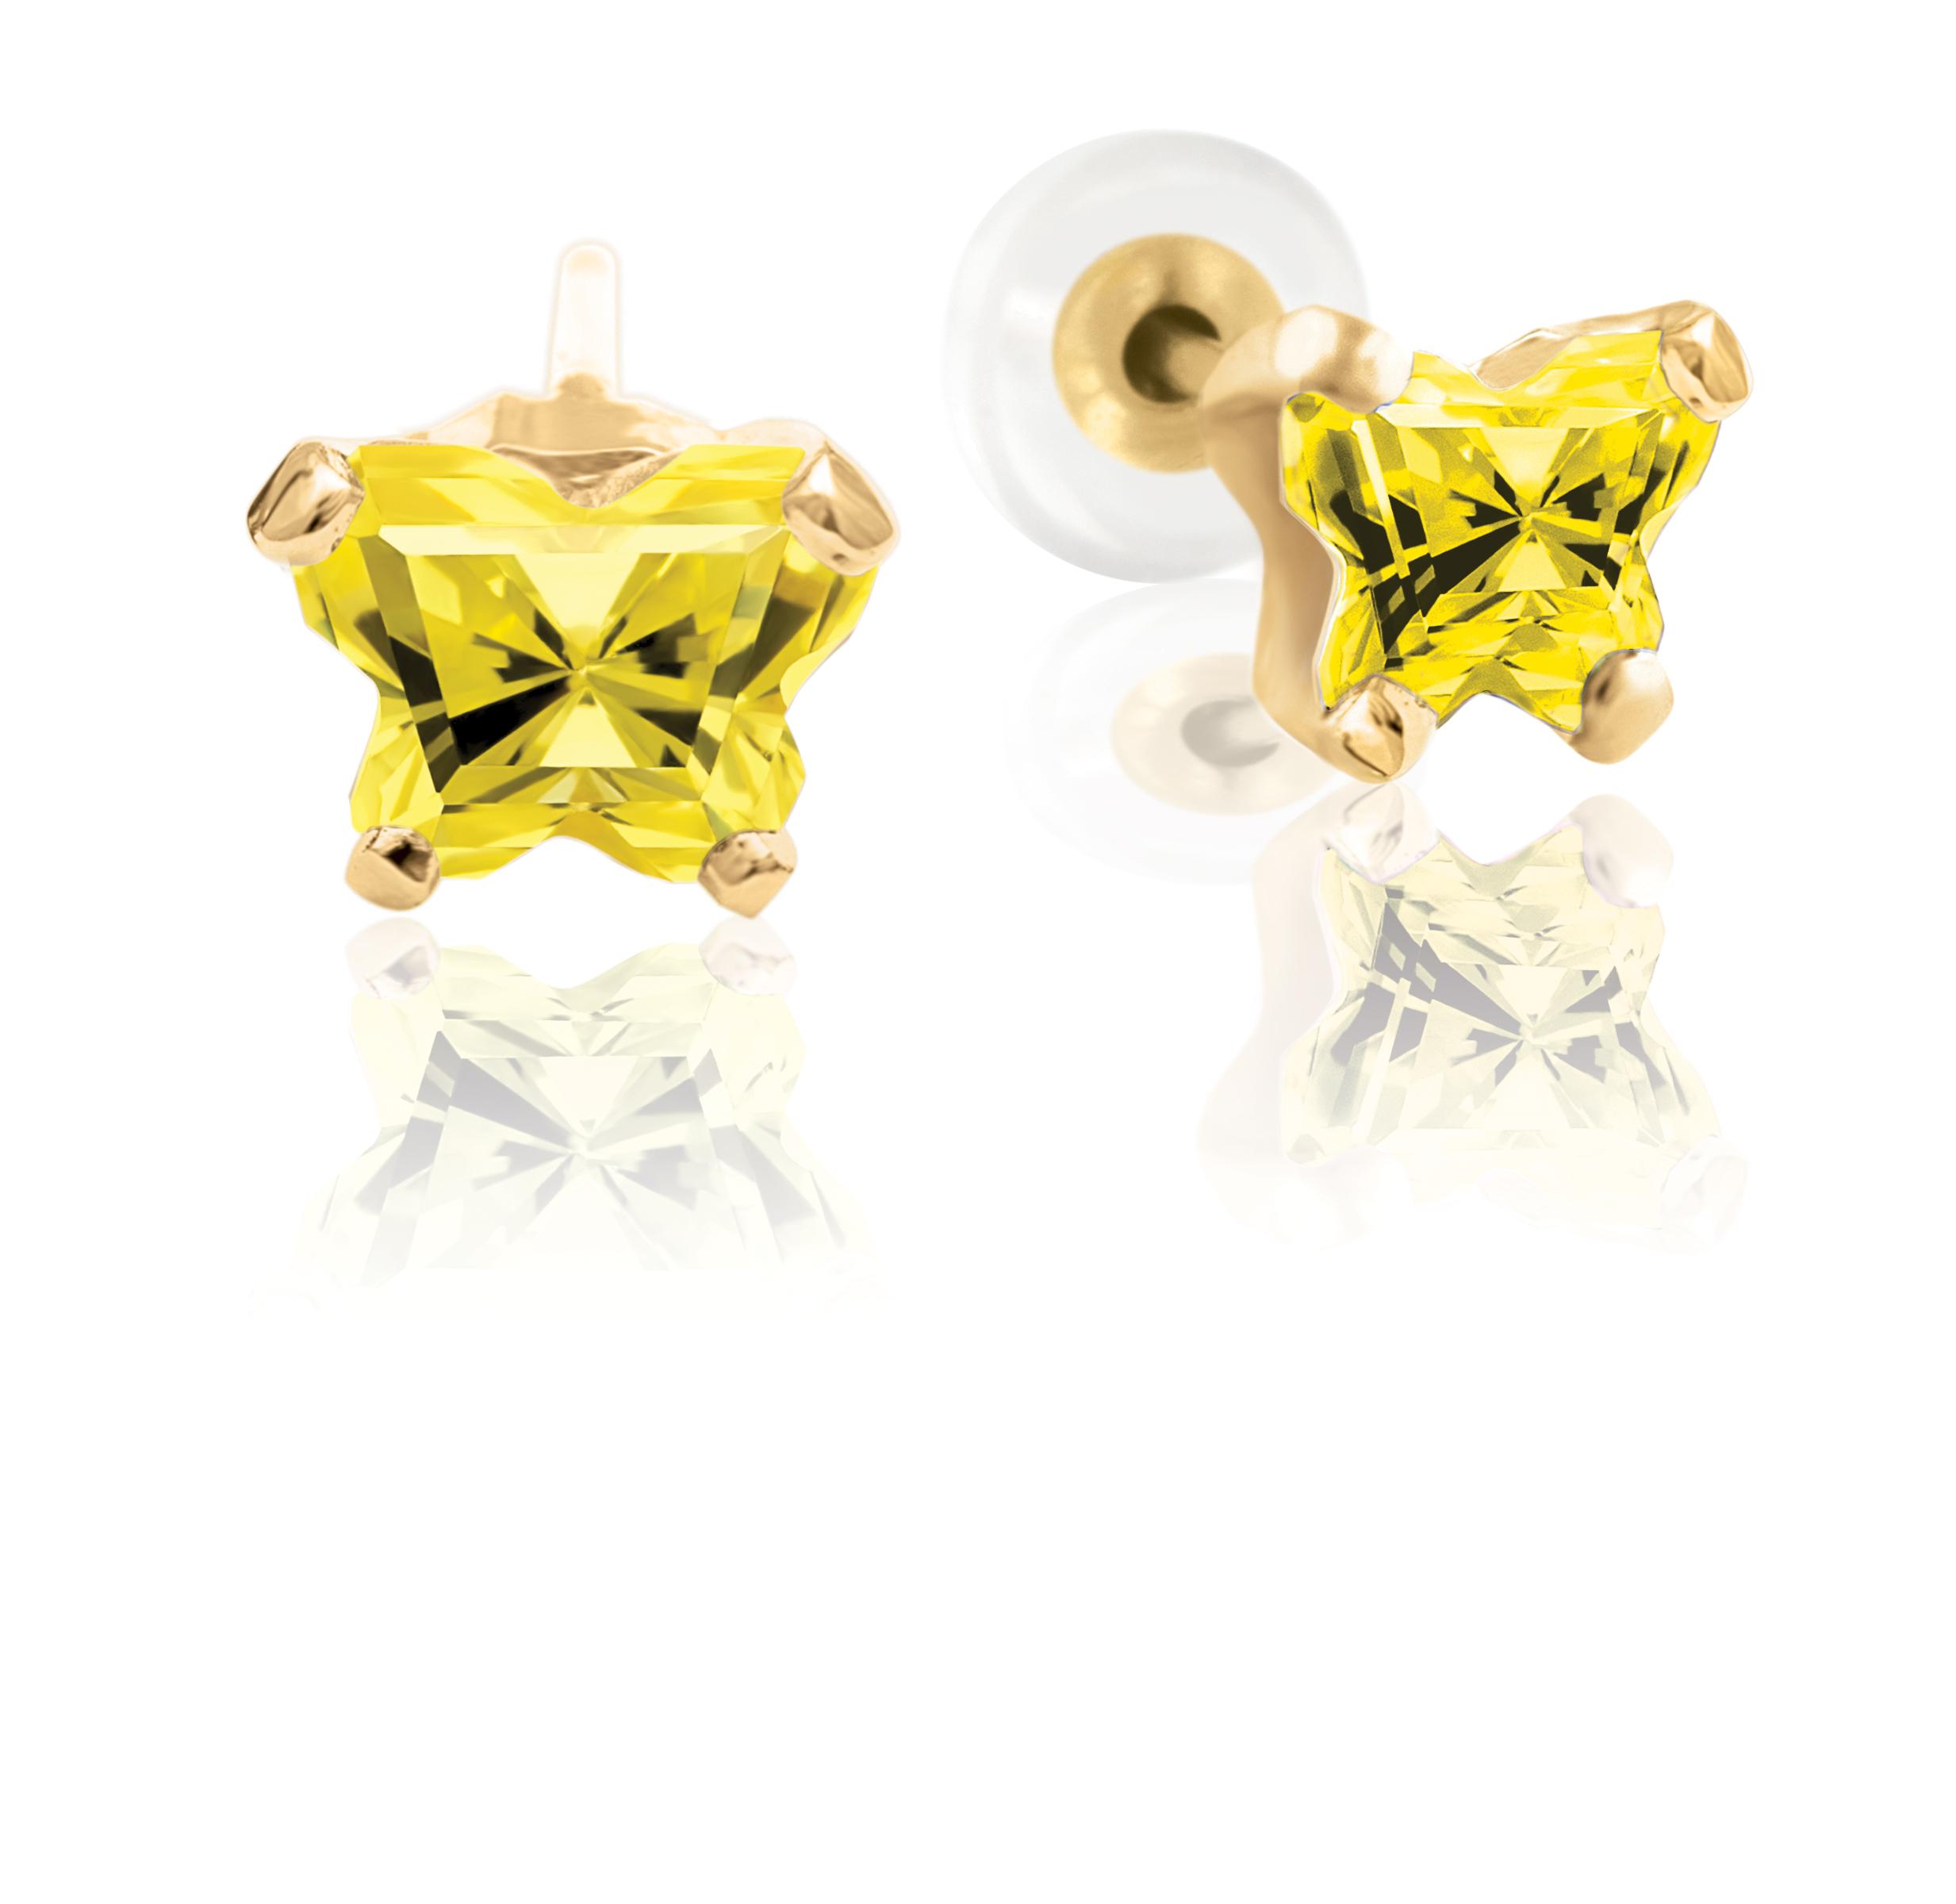 Boucles d'oreilles BFLY à tiges fixes pour bébé sertis de zircons cubiques jaunes (mois de novembre) - en or jaune 10K